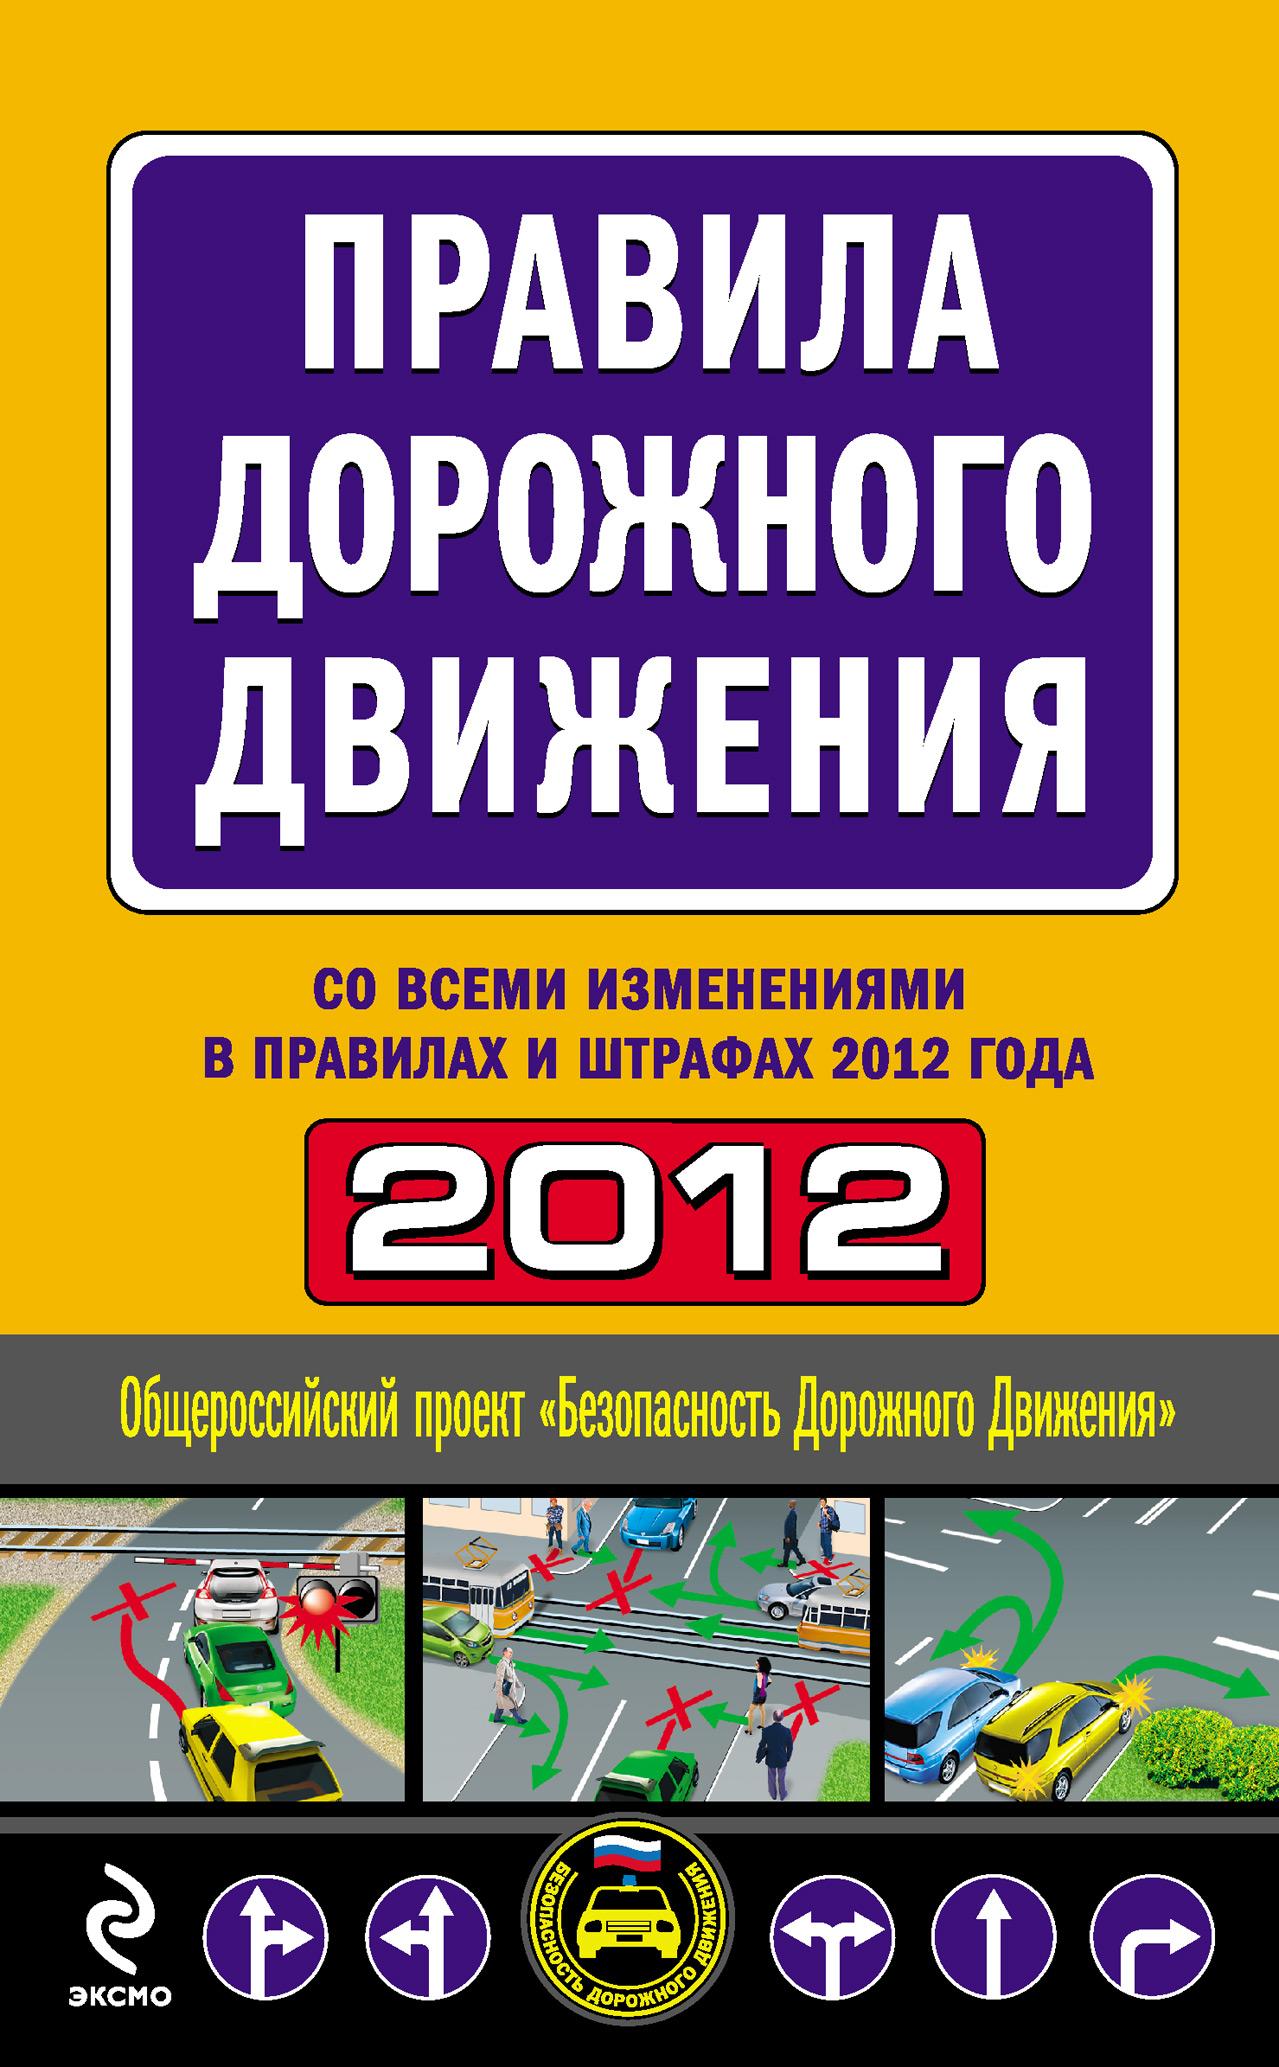 Правила дорожного движения 2012 (со всеми изменениями в правилах и штрафах 2012 года)